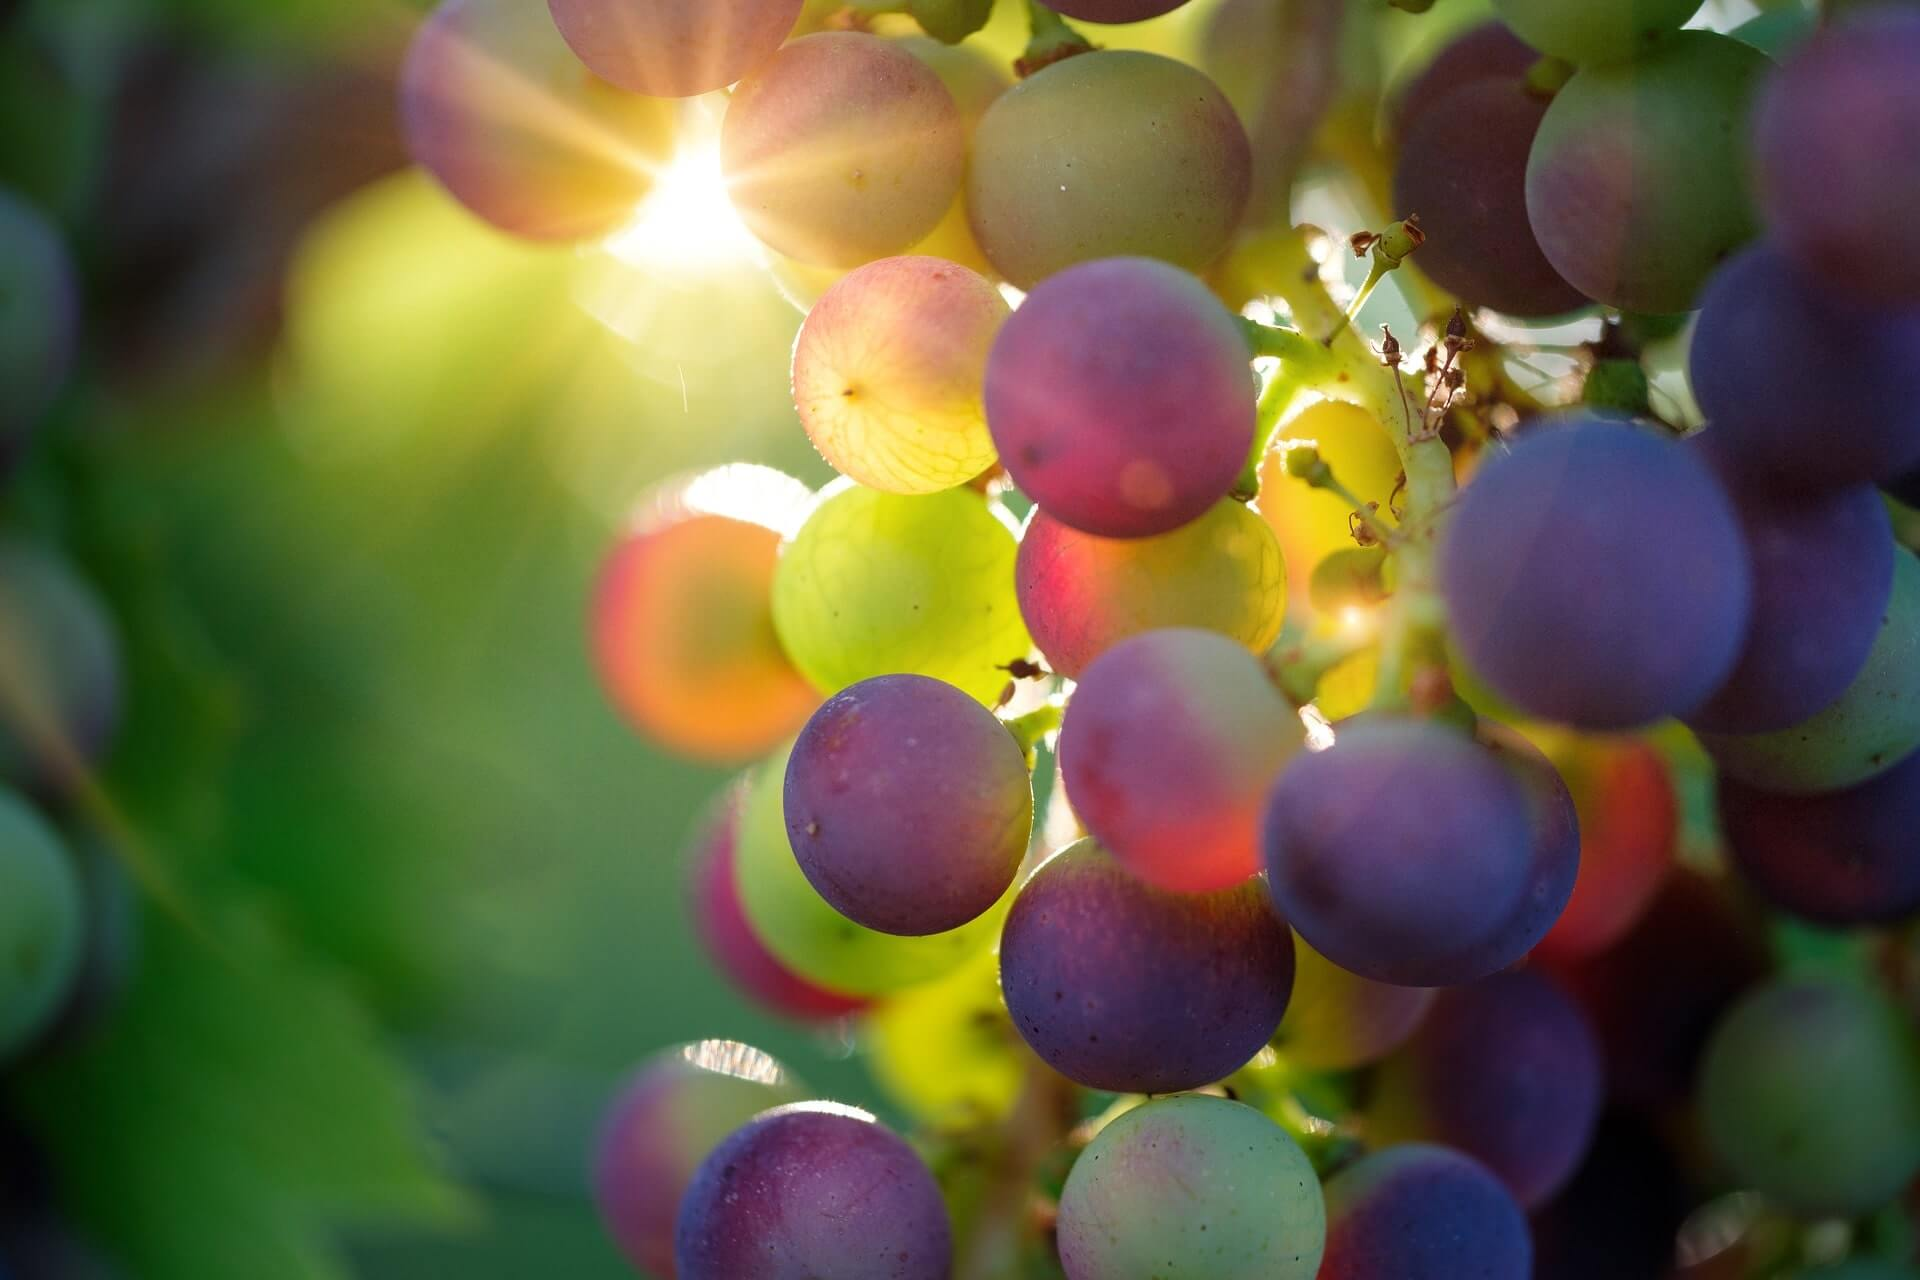 ワインの嗜み方の葡萄のアップの画像